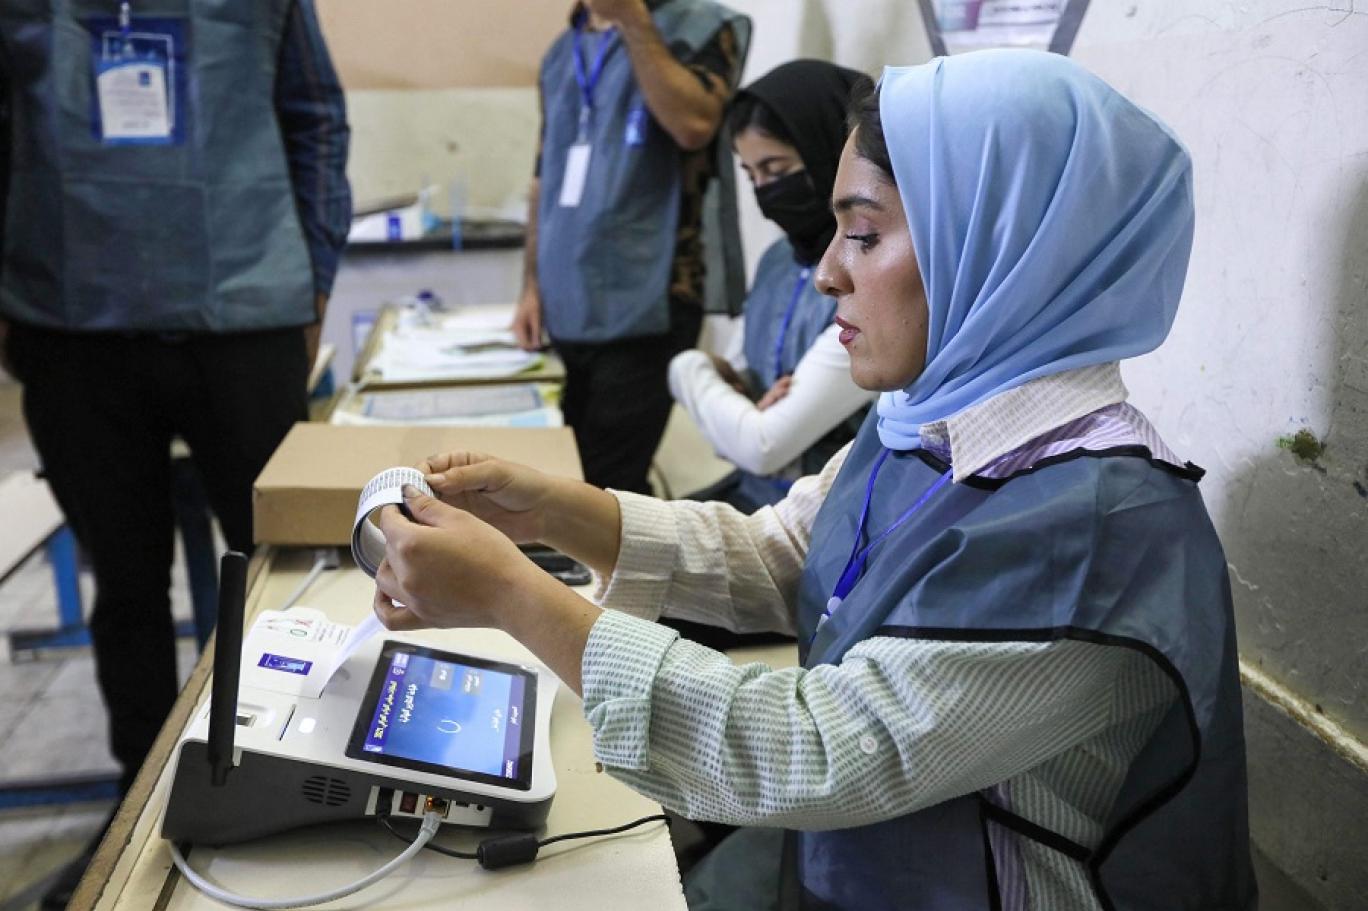 ما معيار تحديد نسبة المشاركة في الانتخابات العراقية؟ | اندبندنت عربية